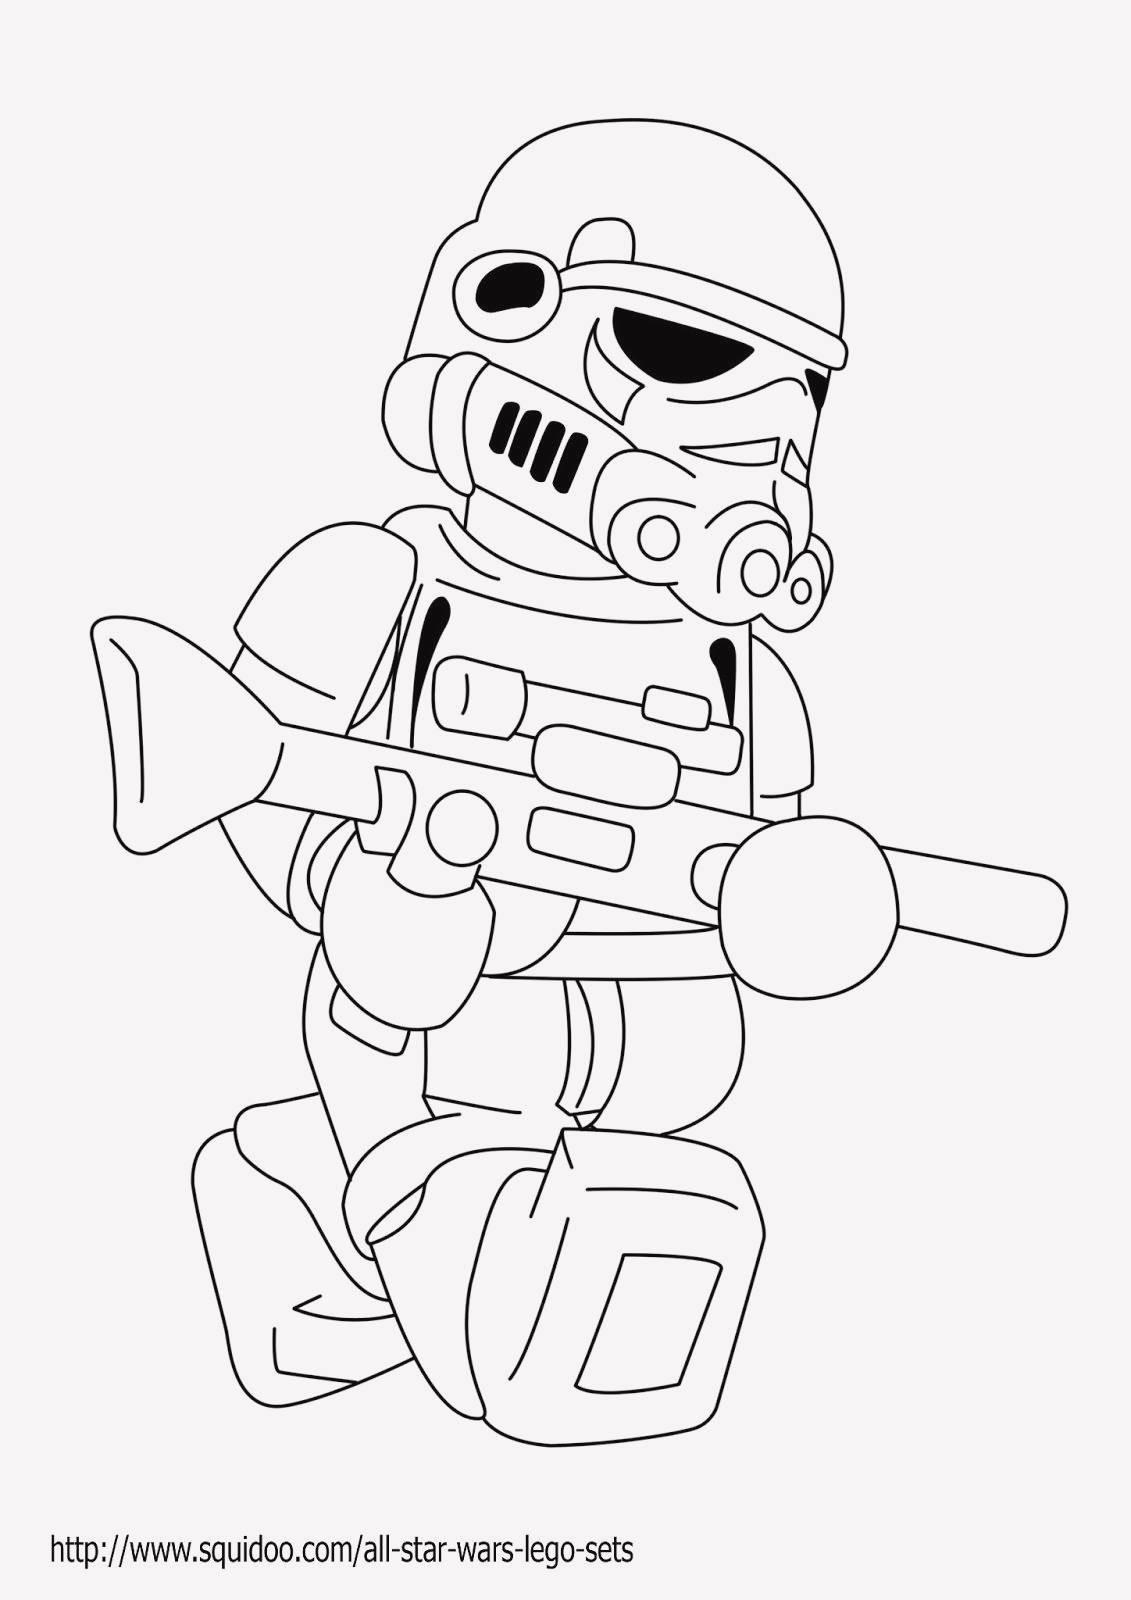 Lego Star Wars Ausmalbilder Inspirierend 25 Druckbar Lego Star Wars Ausmalbilder Zum Drucken Galerie